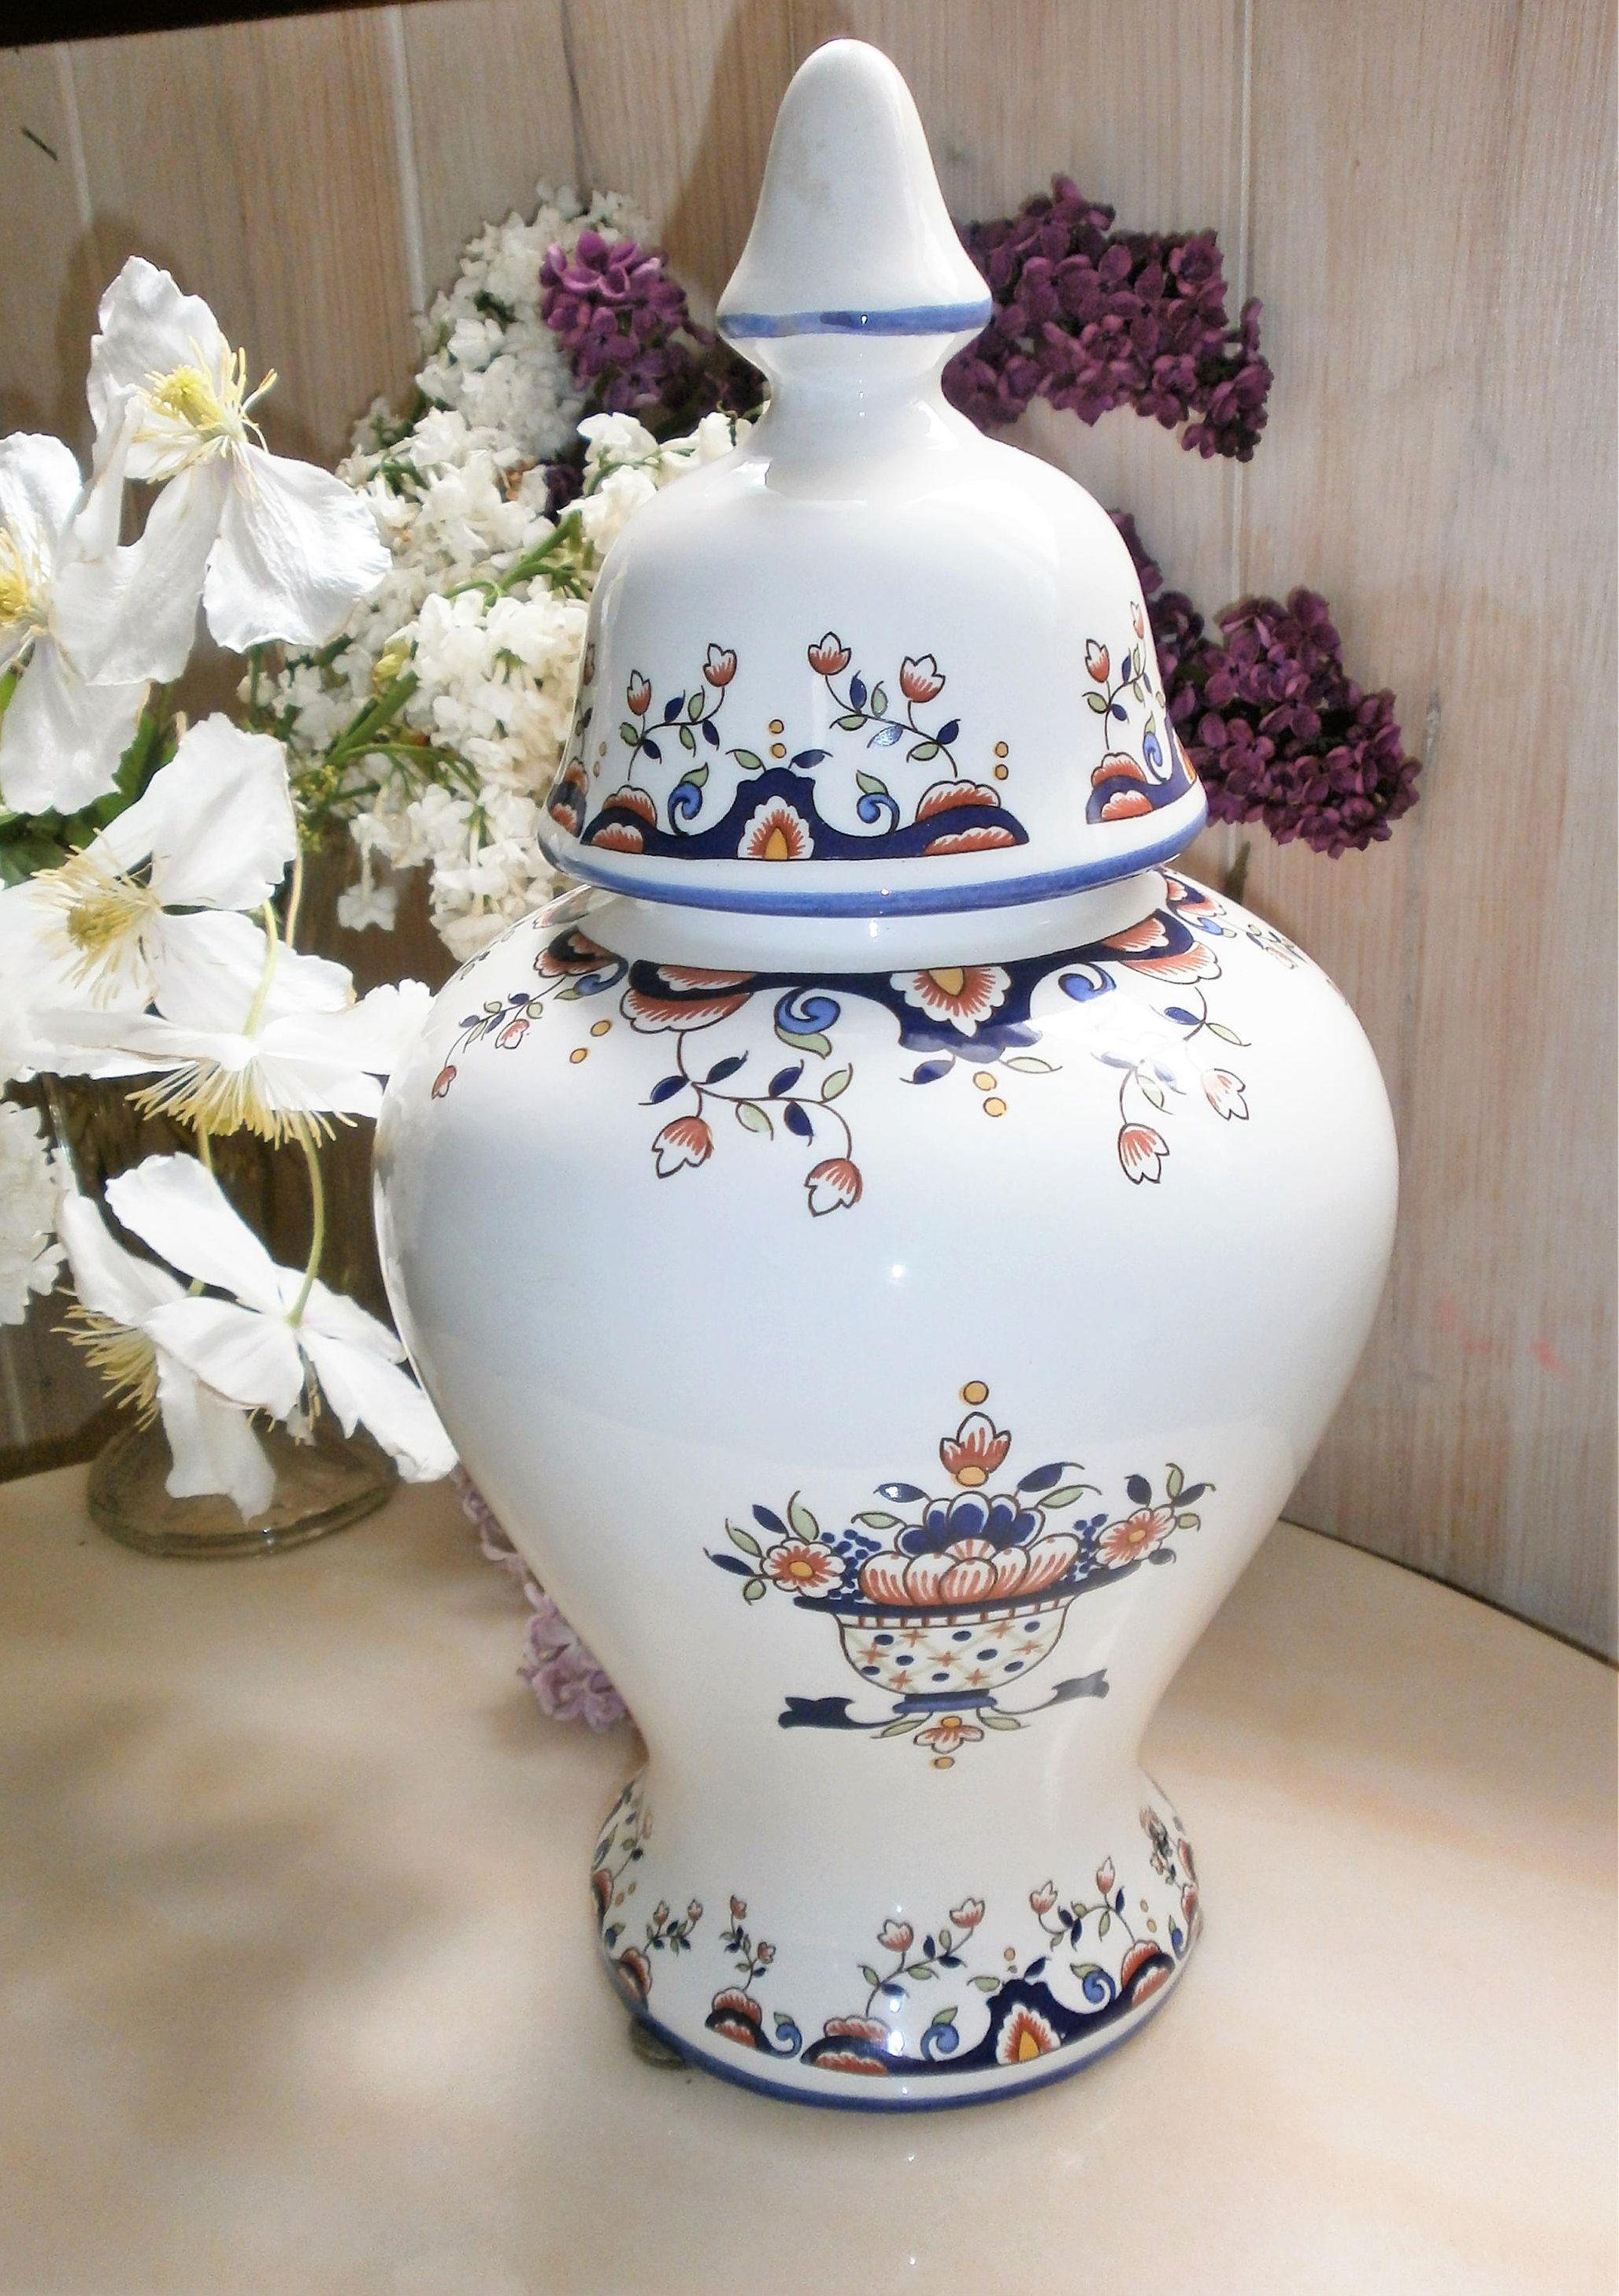 vintage fran ais grand pot d 39 apothicaire french apothecary jar rouen d cors rouen urne pot. Black Bedroom Furniture Sets. Home Design Ideas